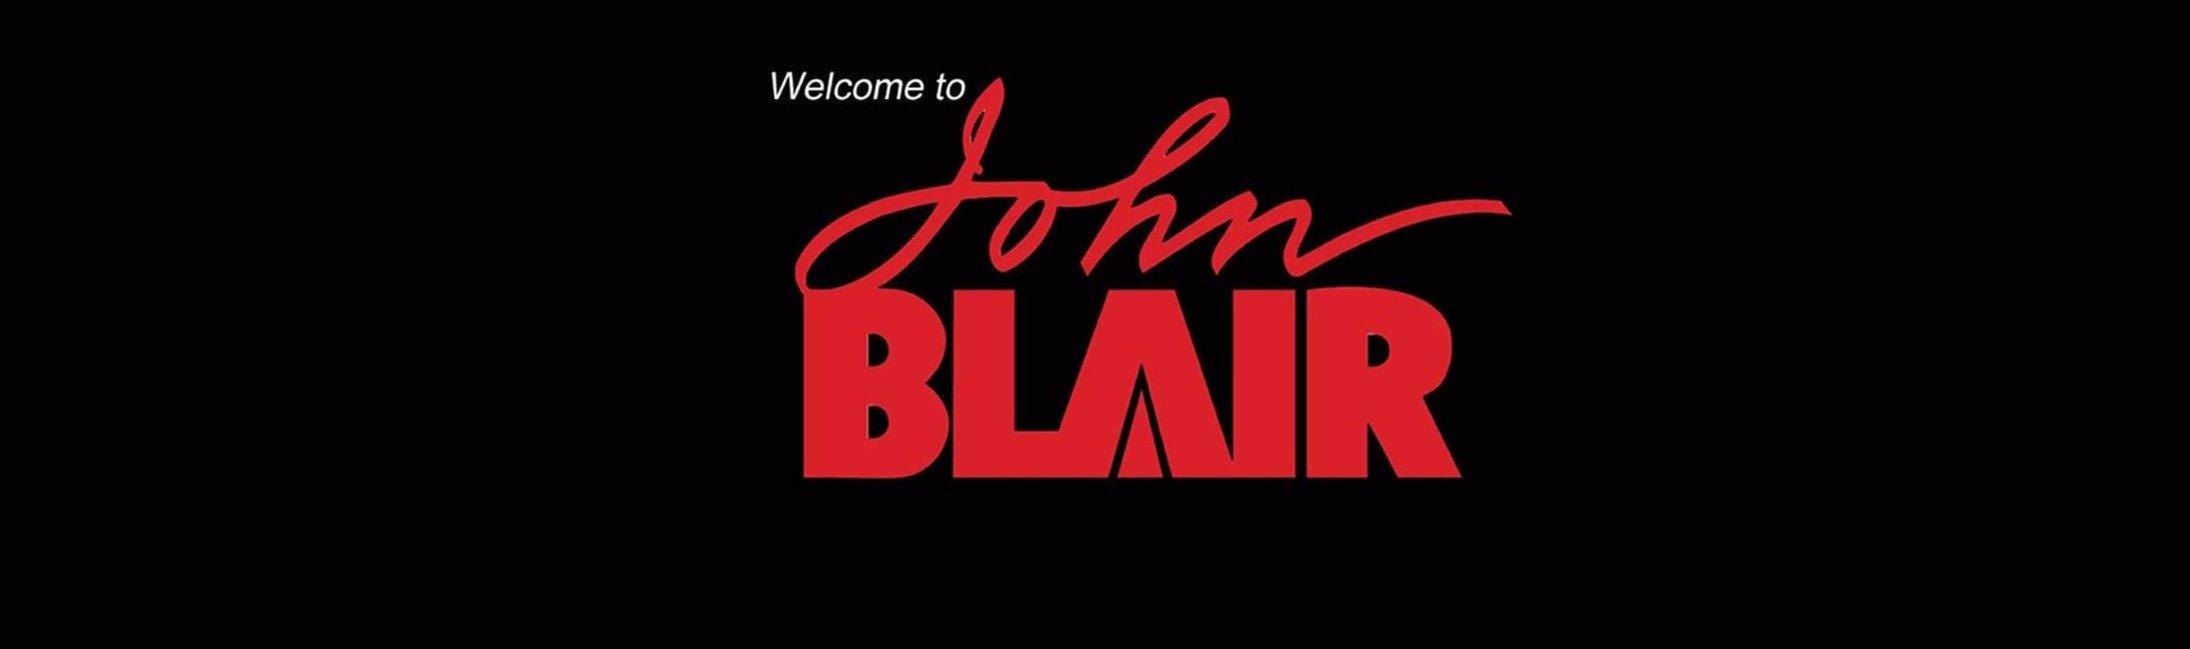 John Blair Honda